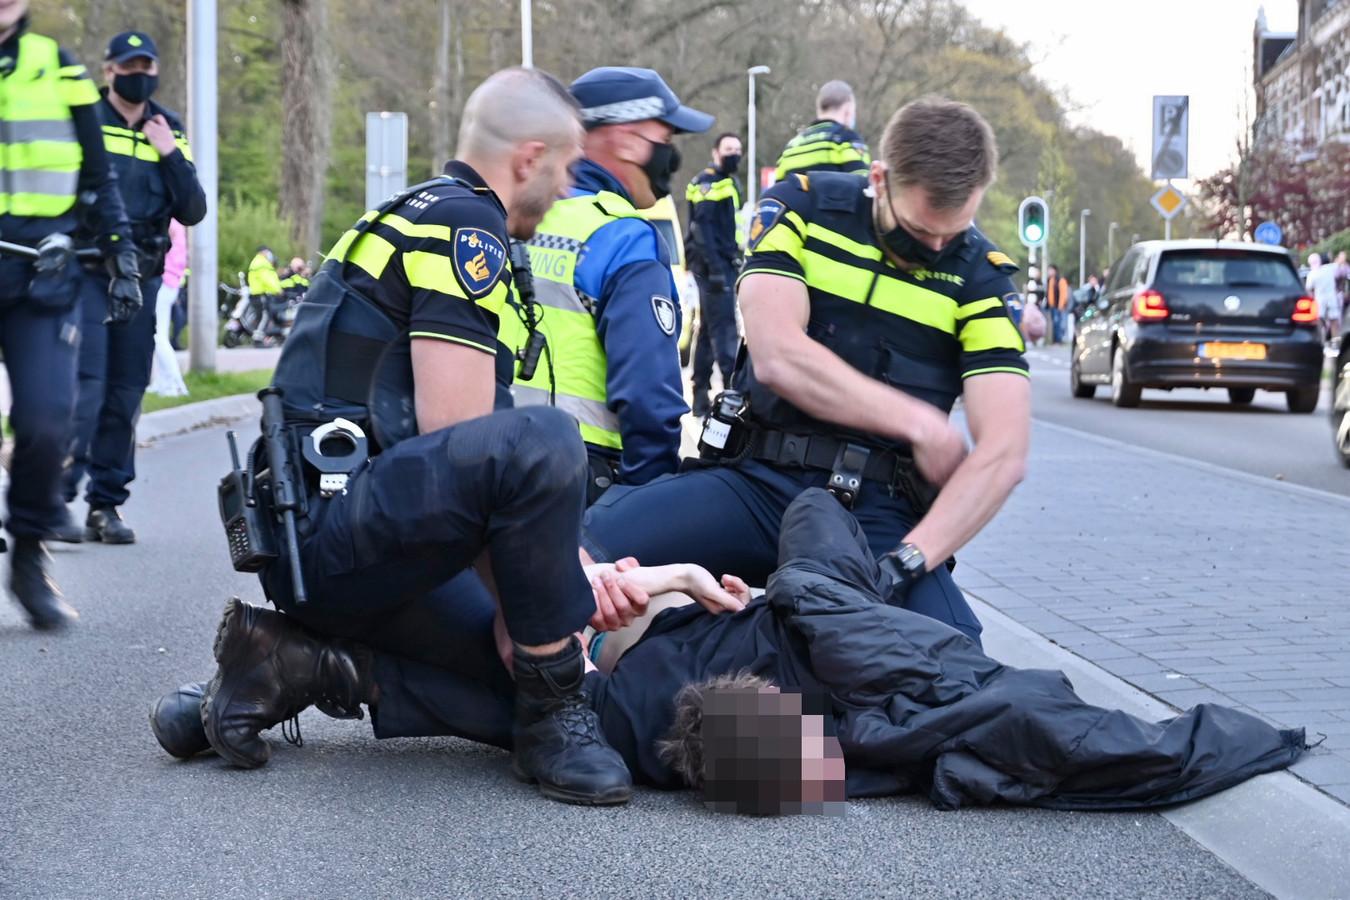 De politie arresteert op Koningsdag een bezoeker van het Arnhemse Park Sonsbeek die niet vrijwillig het park wilde verlaten.